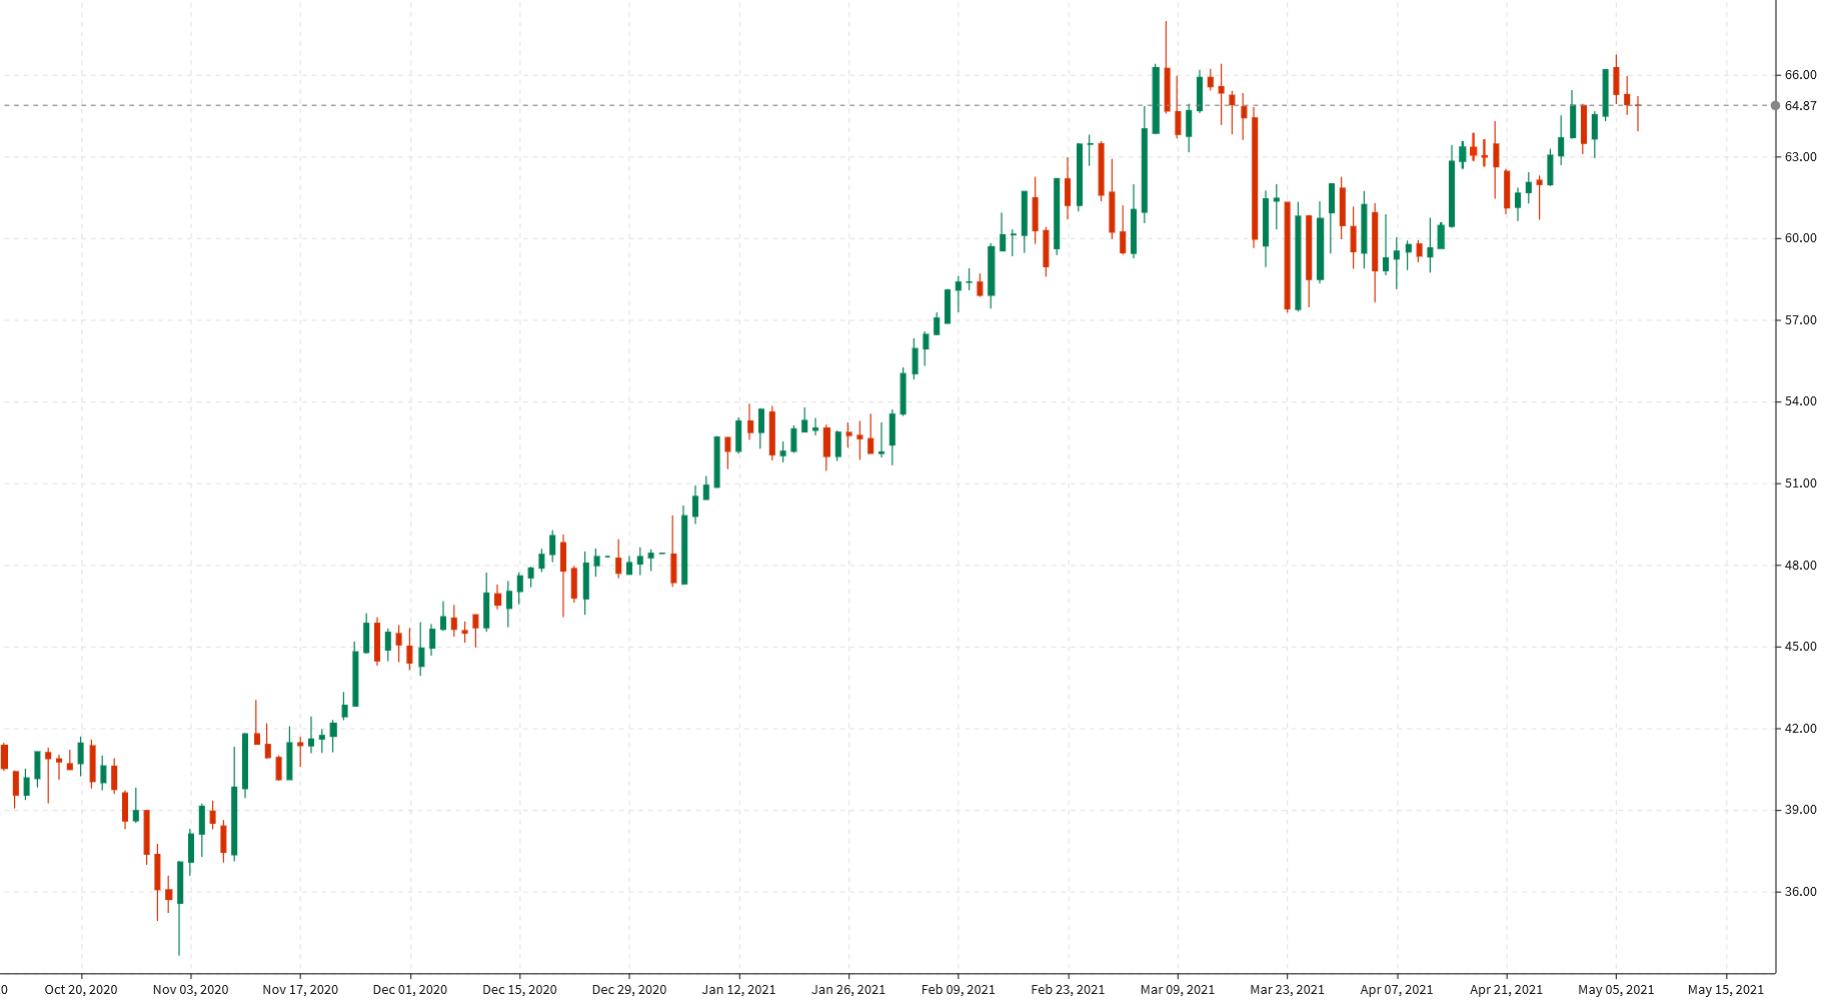 El petróleo se liquida entre 0,19 y 64,90 dólares por barril